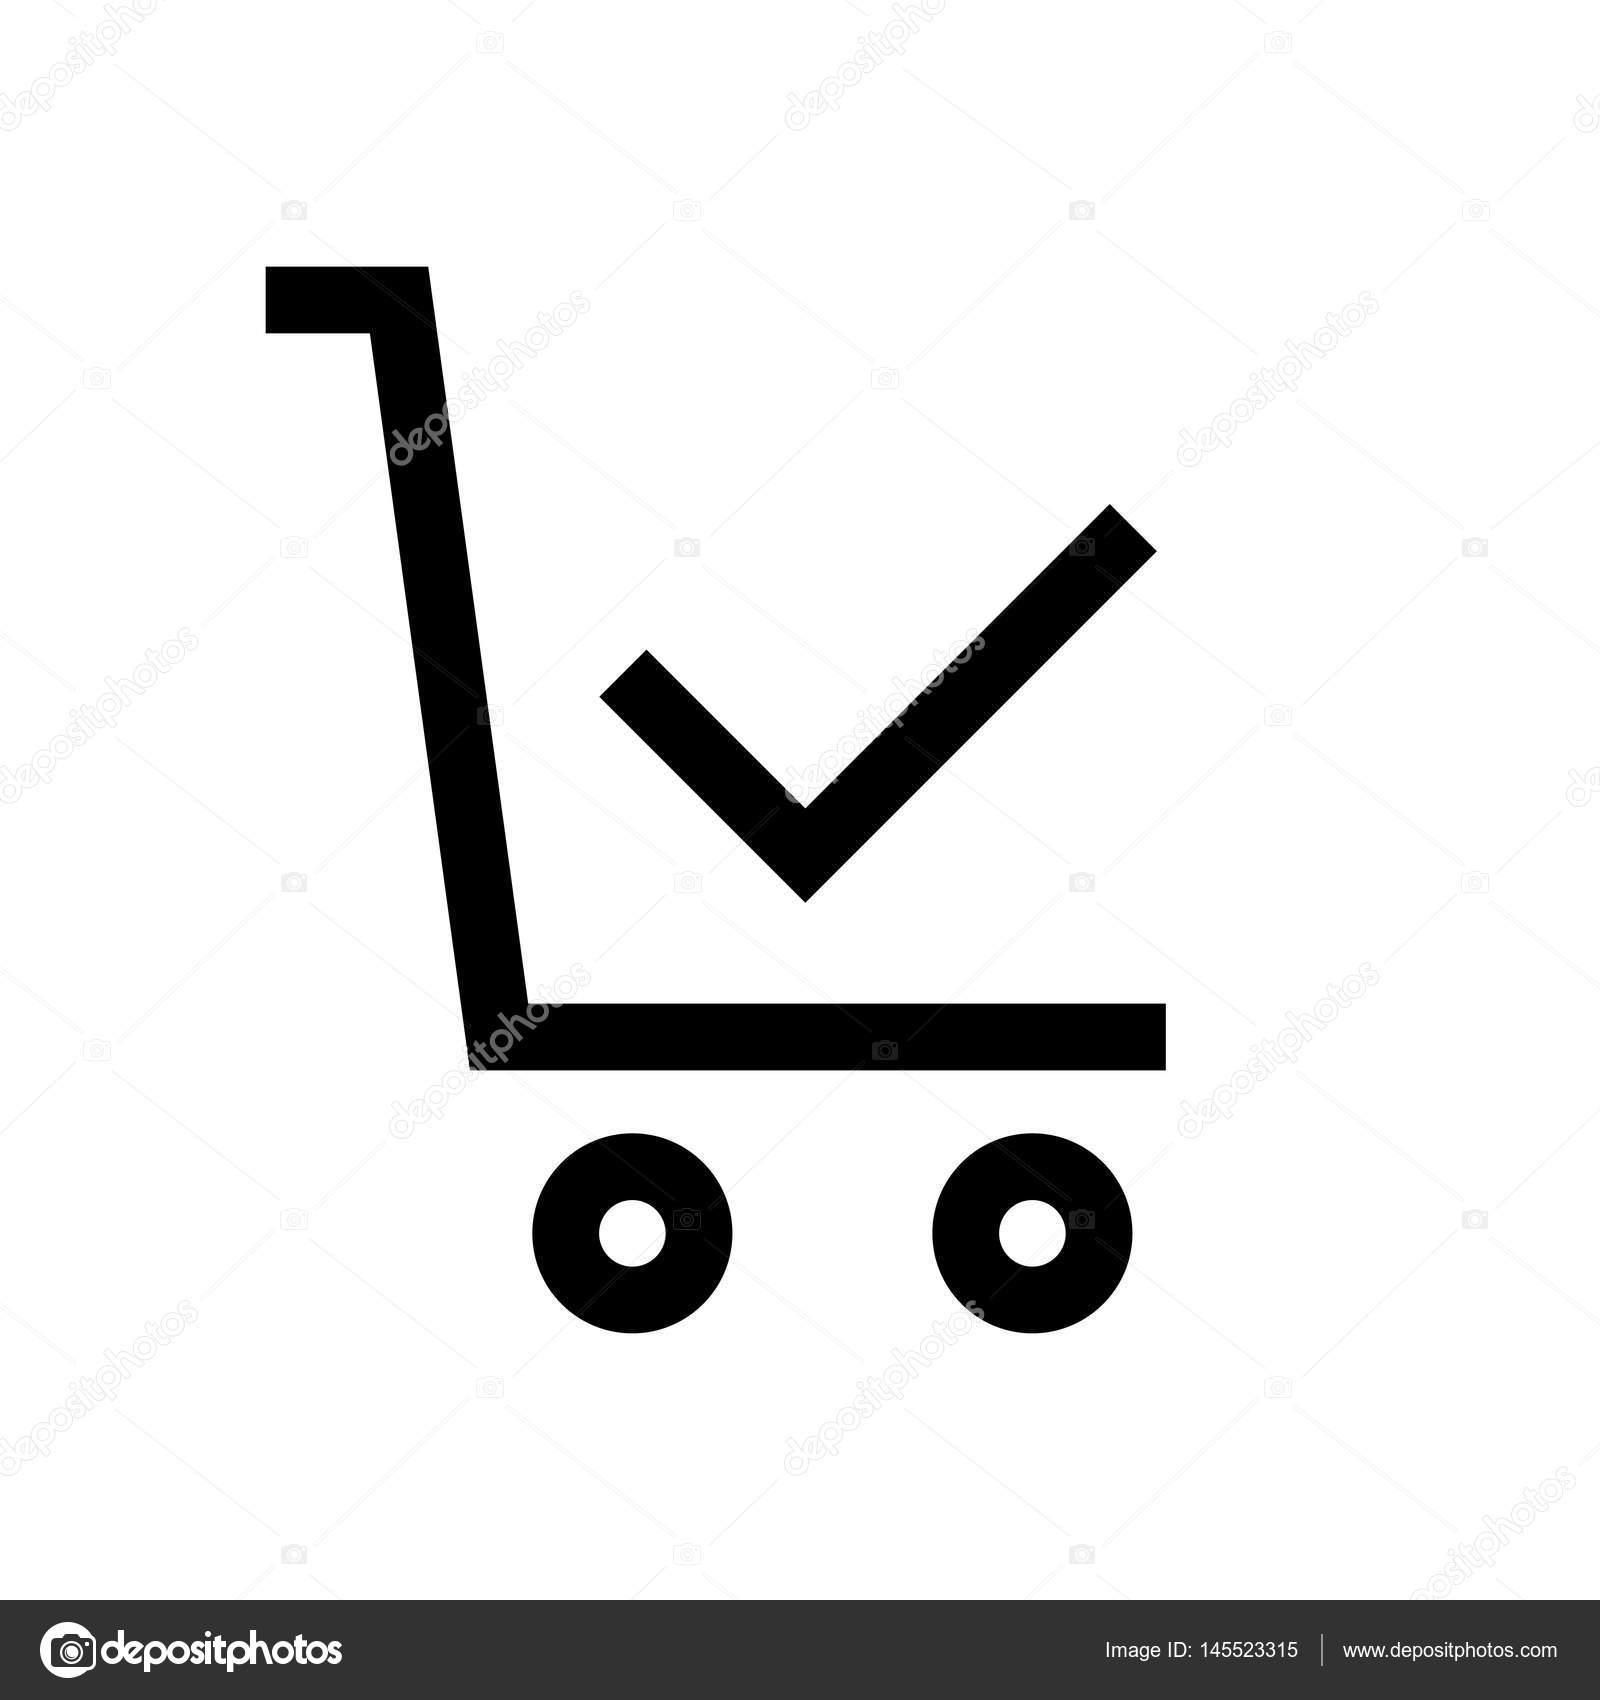 4ac552cff3 Linea mini carrello shopping, icona, sfondo e grafica. L'icona è piatto  bianco e nero, linear, vector, pixel perfetto, minimale, adatto per web e  stampa ...